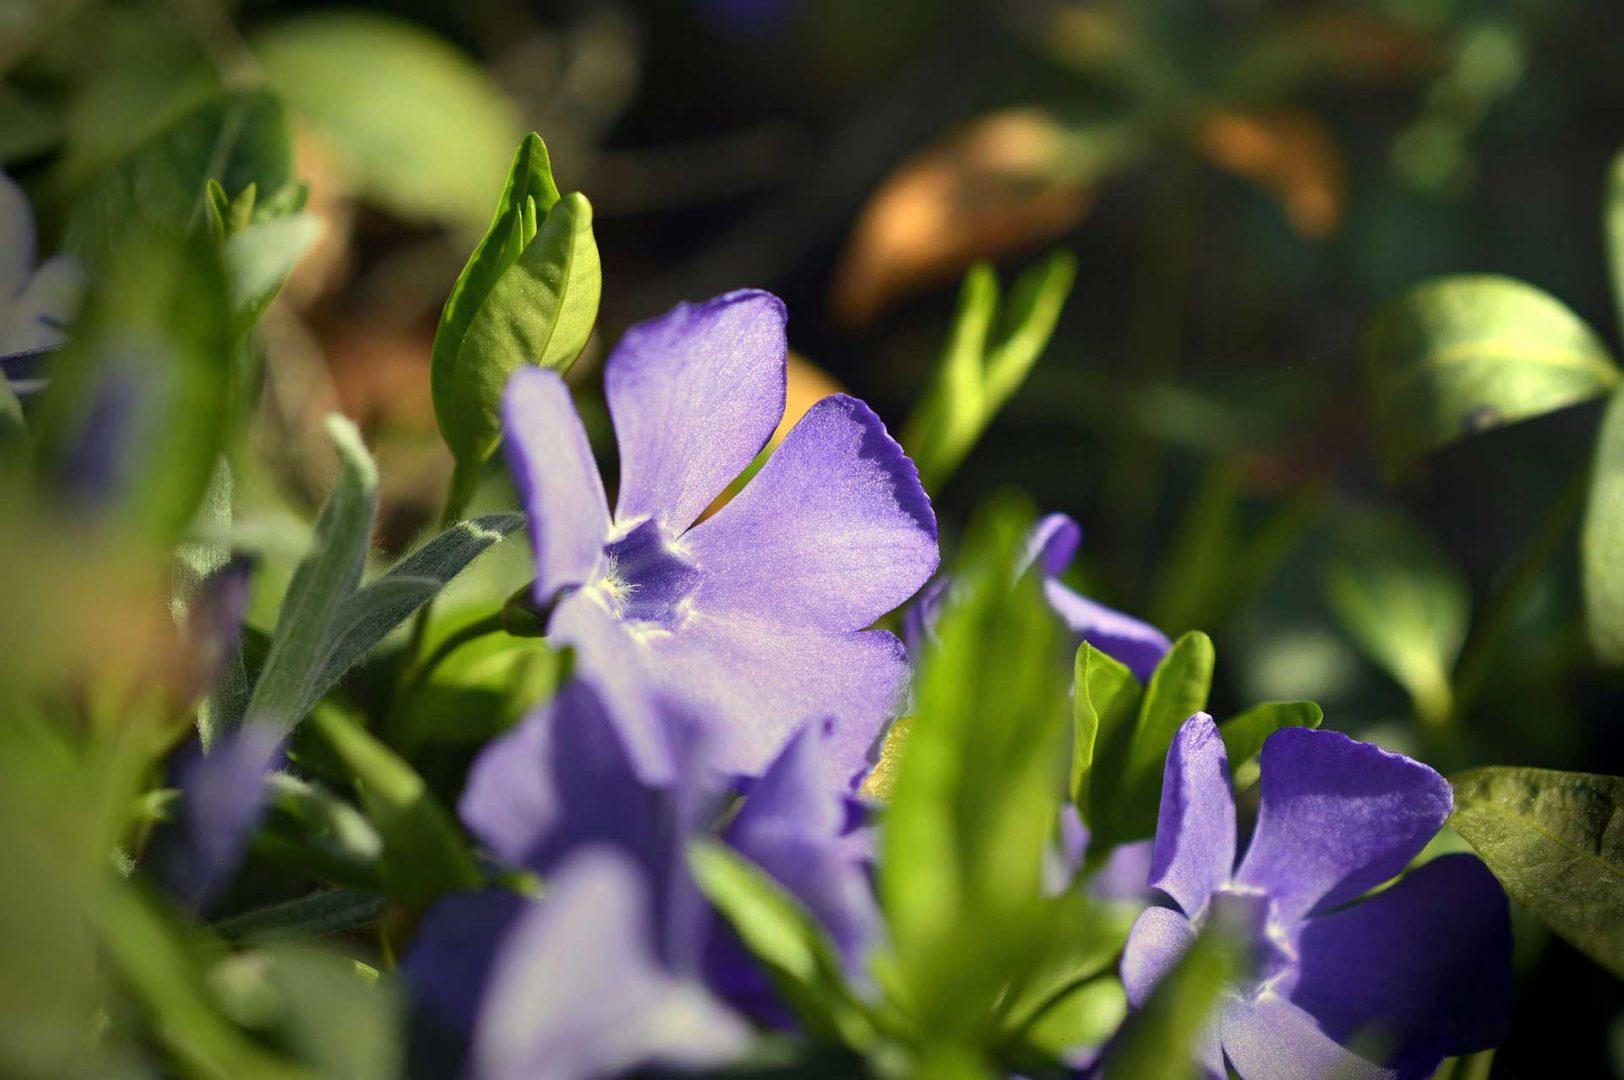 Das kleine Immergrün (Vinca minor) ist schön anzusehen, auch im Winter.